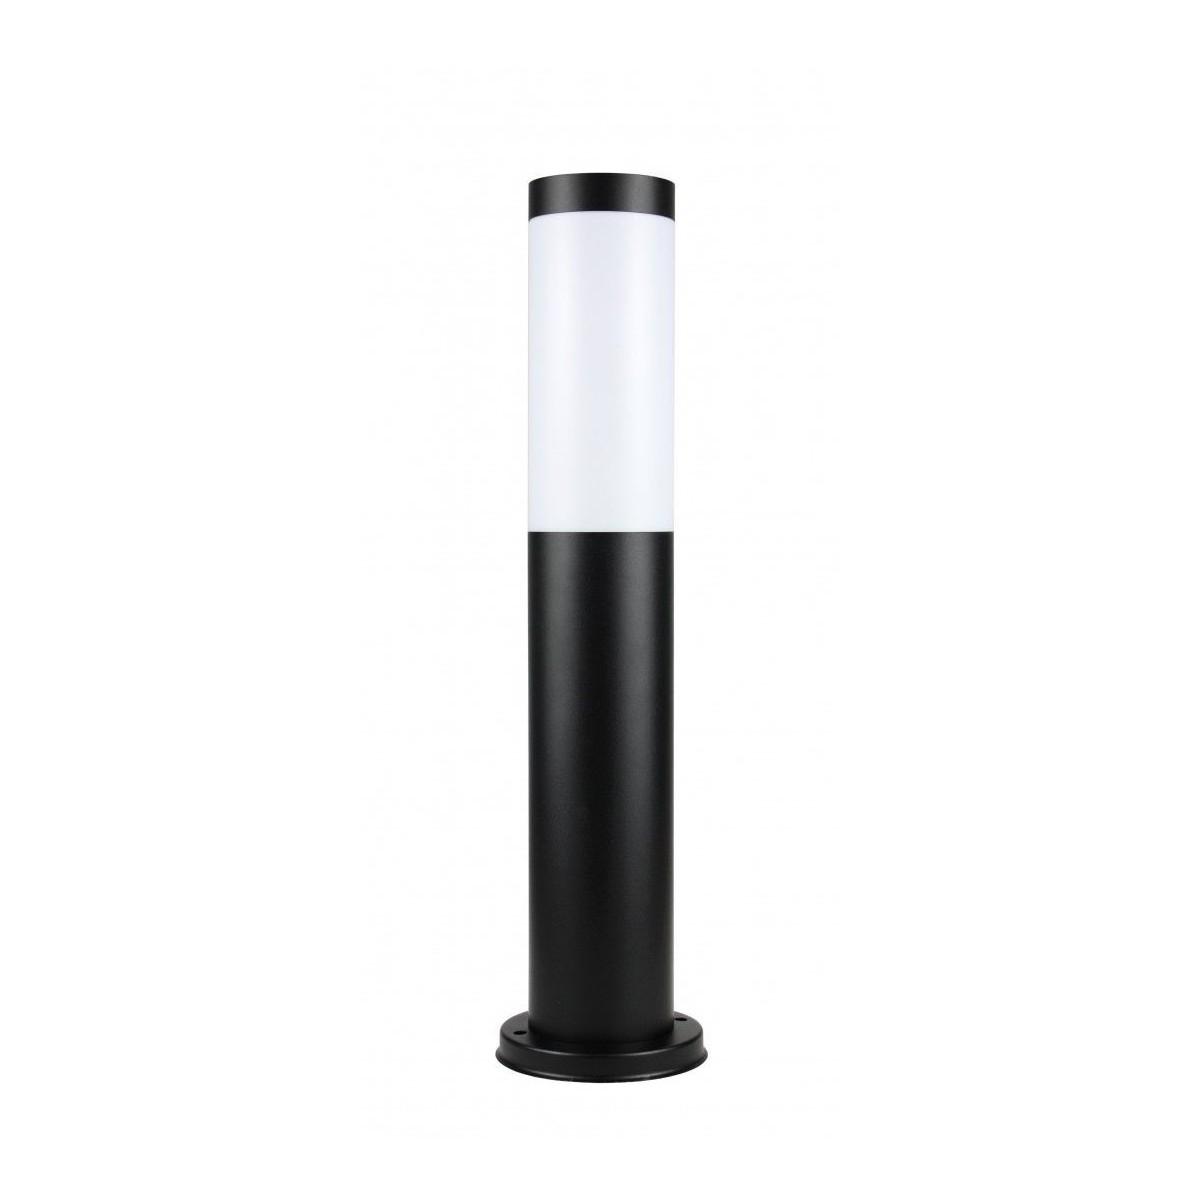 SU-MA Inox Czarny ST 022-450 BL Stojąca